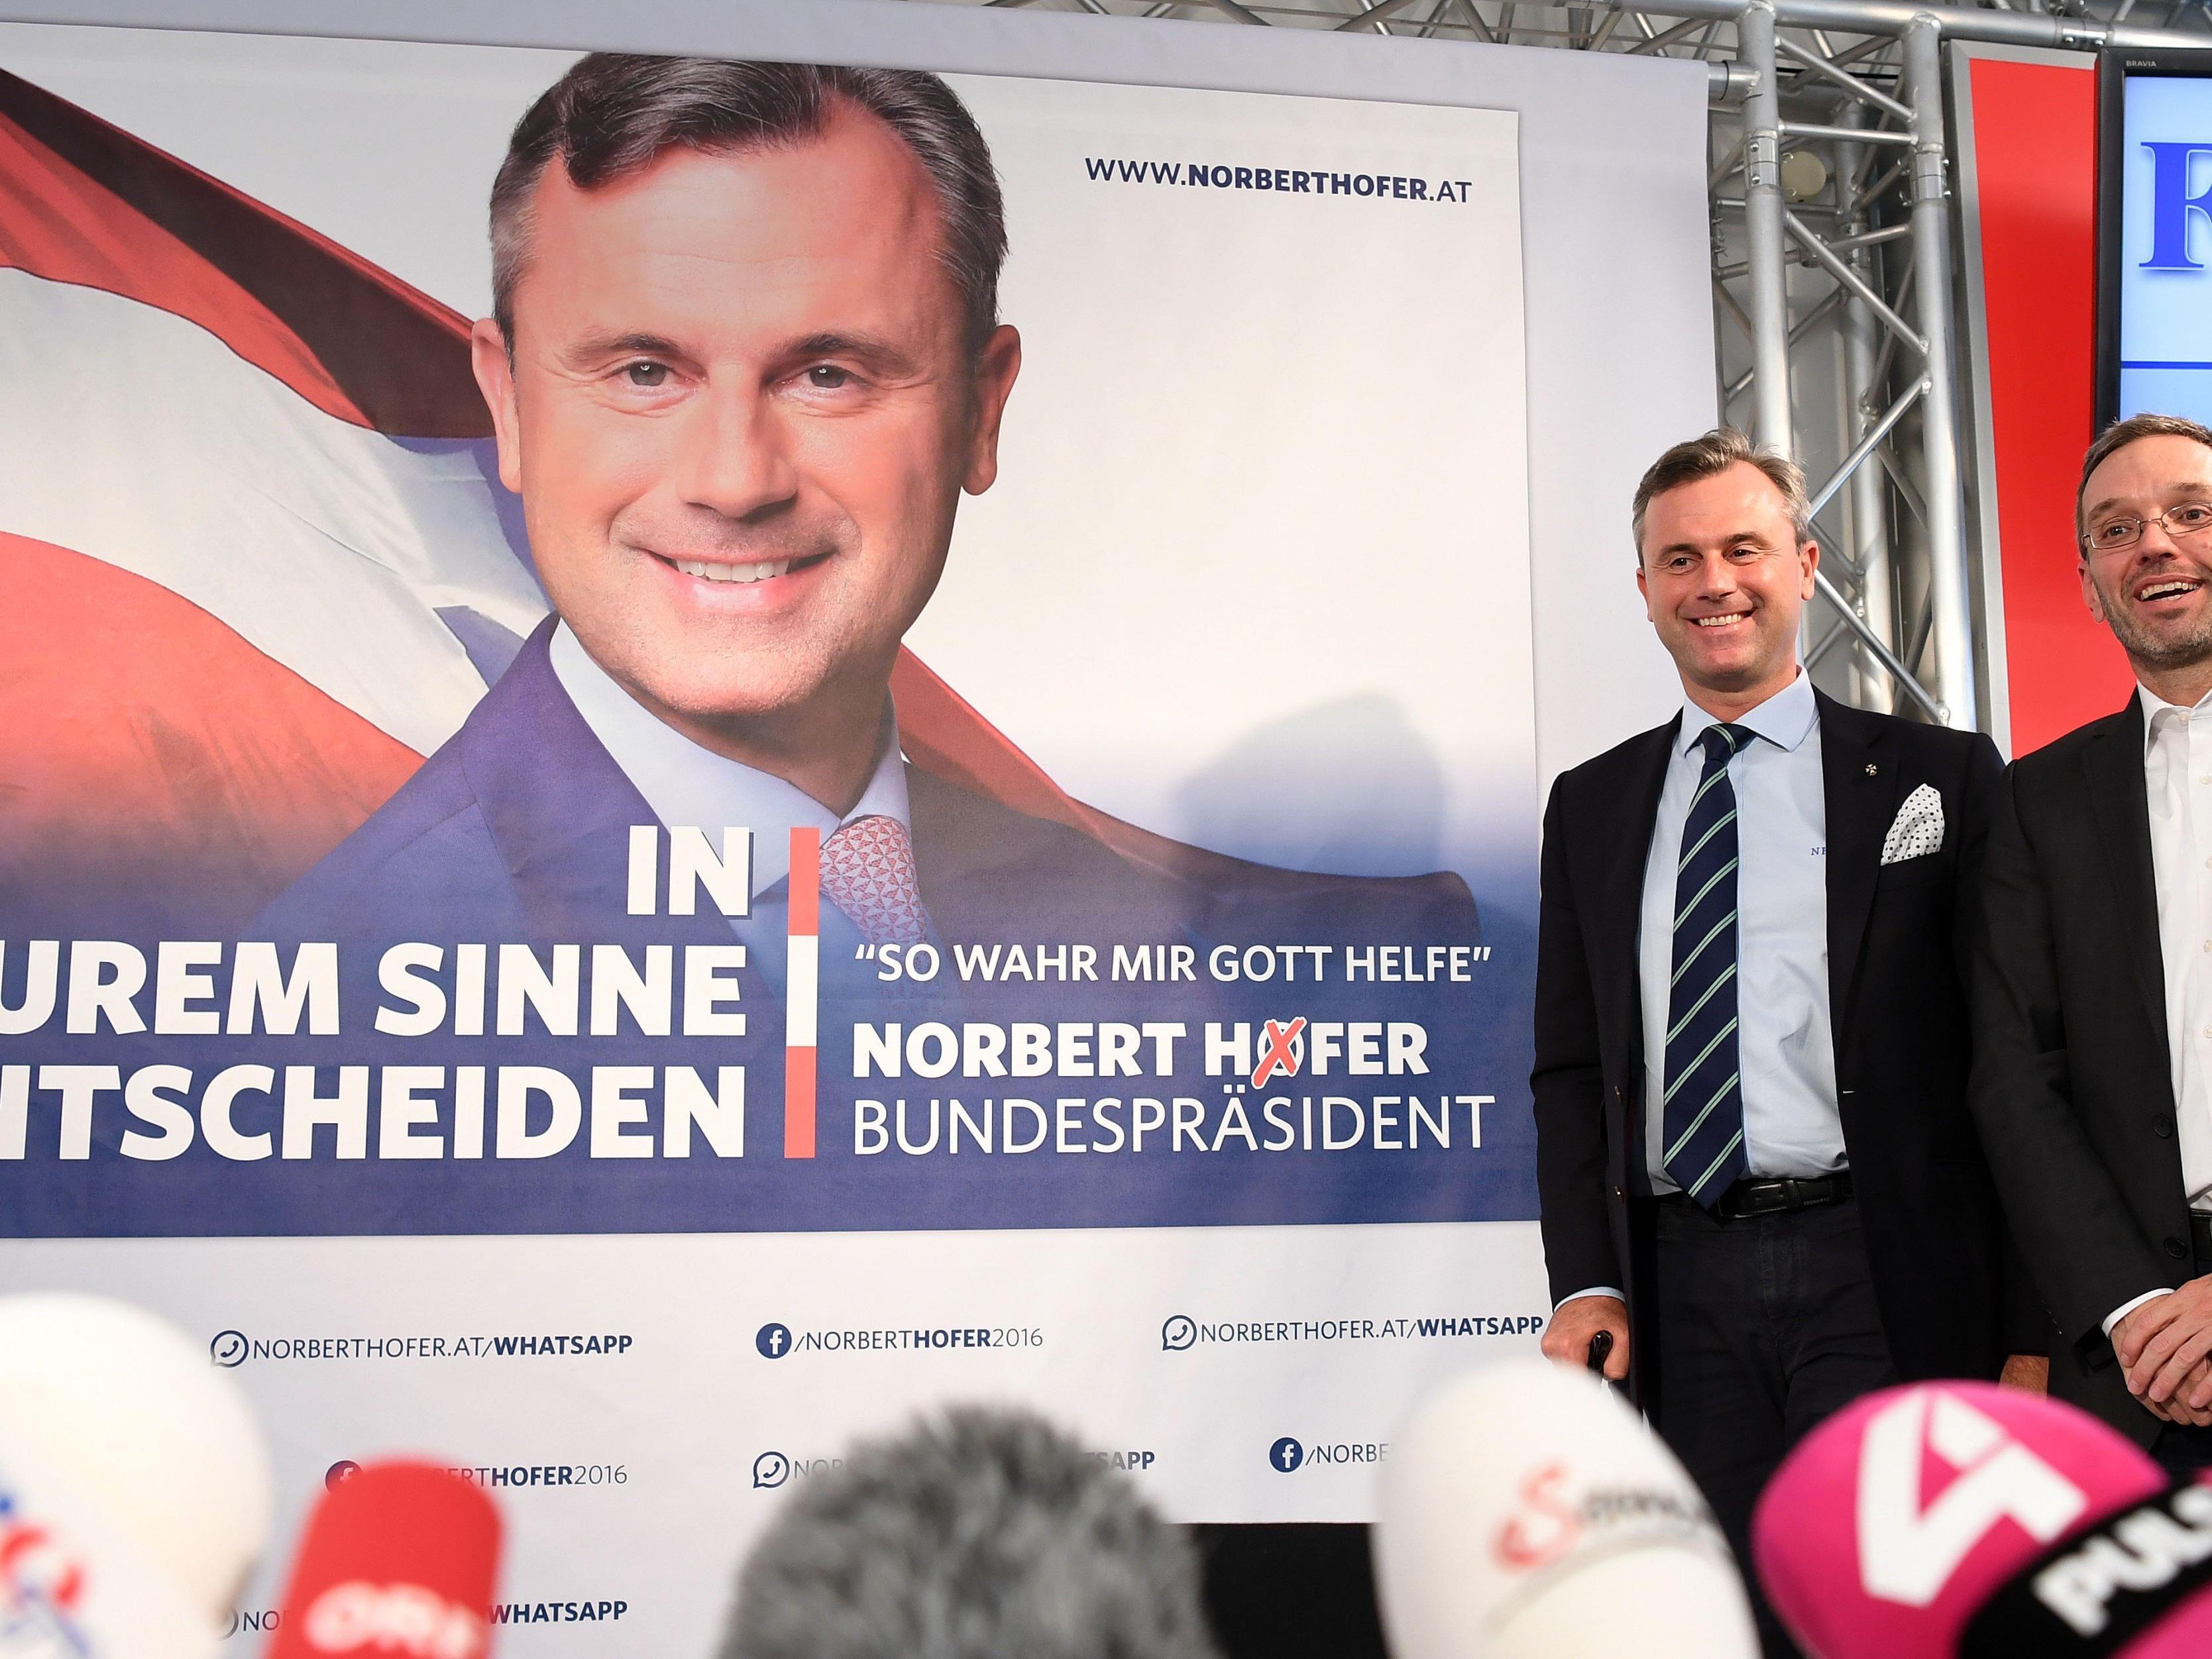 Die neuen Plakate der Hofer-Wahlkampagne wurden präsentiert und aufgehängt